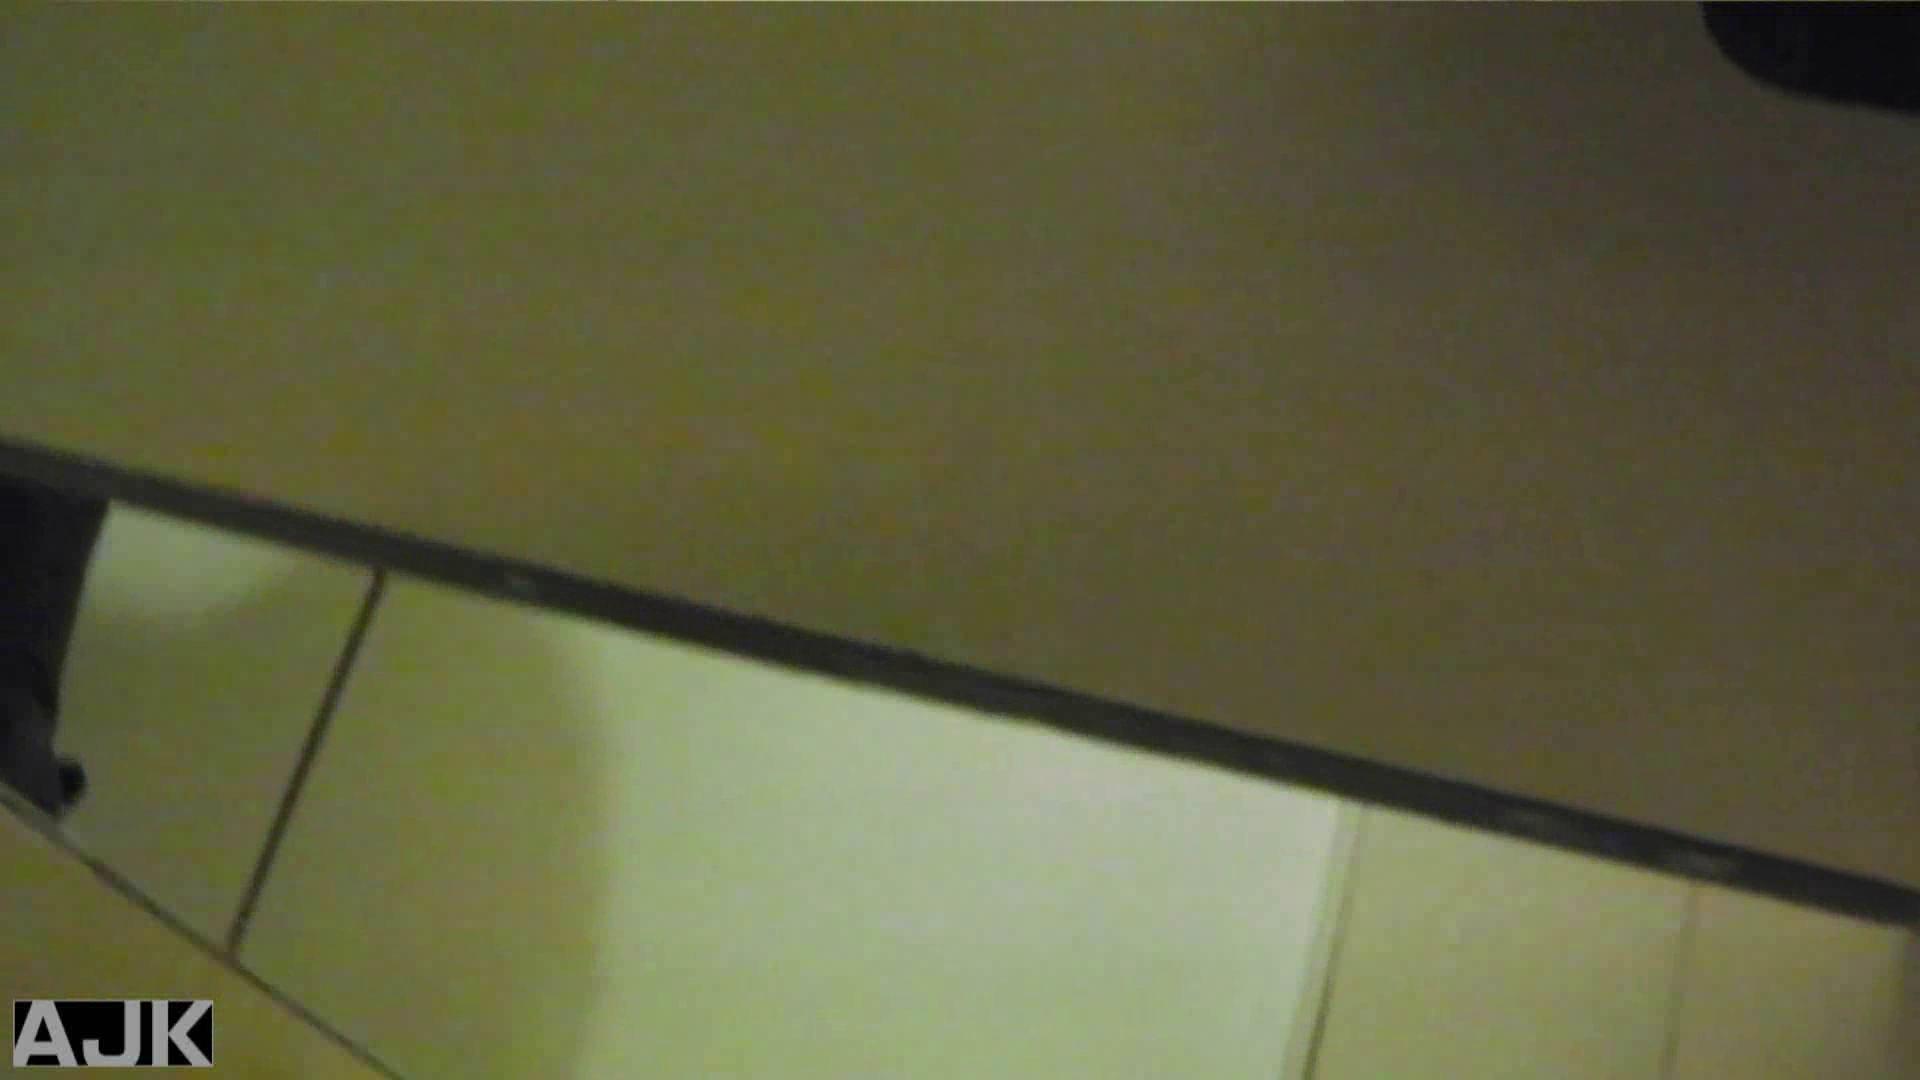 隣国上階級エリアの令嬢たちが集うデパートお手洗い Vol.18 無修正おまんこ   お手洗いの中では  82画像 77